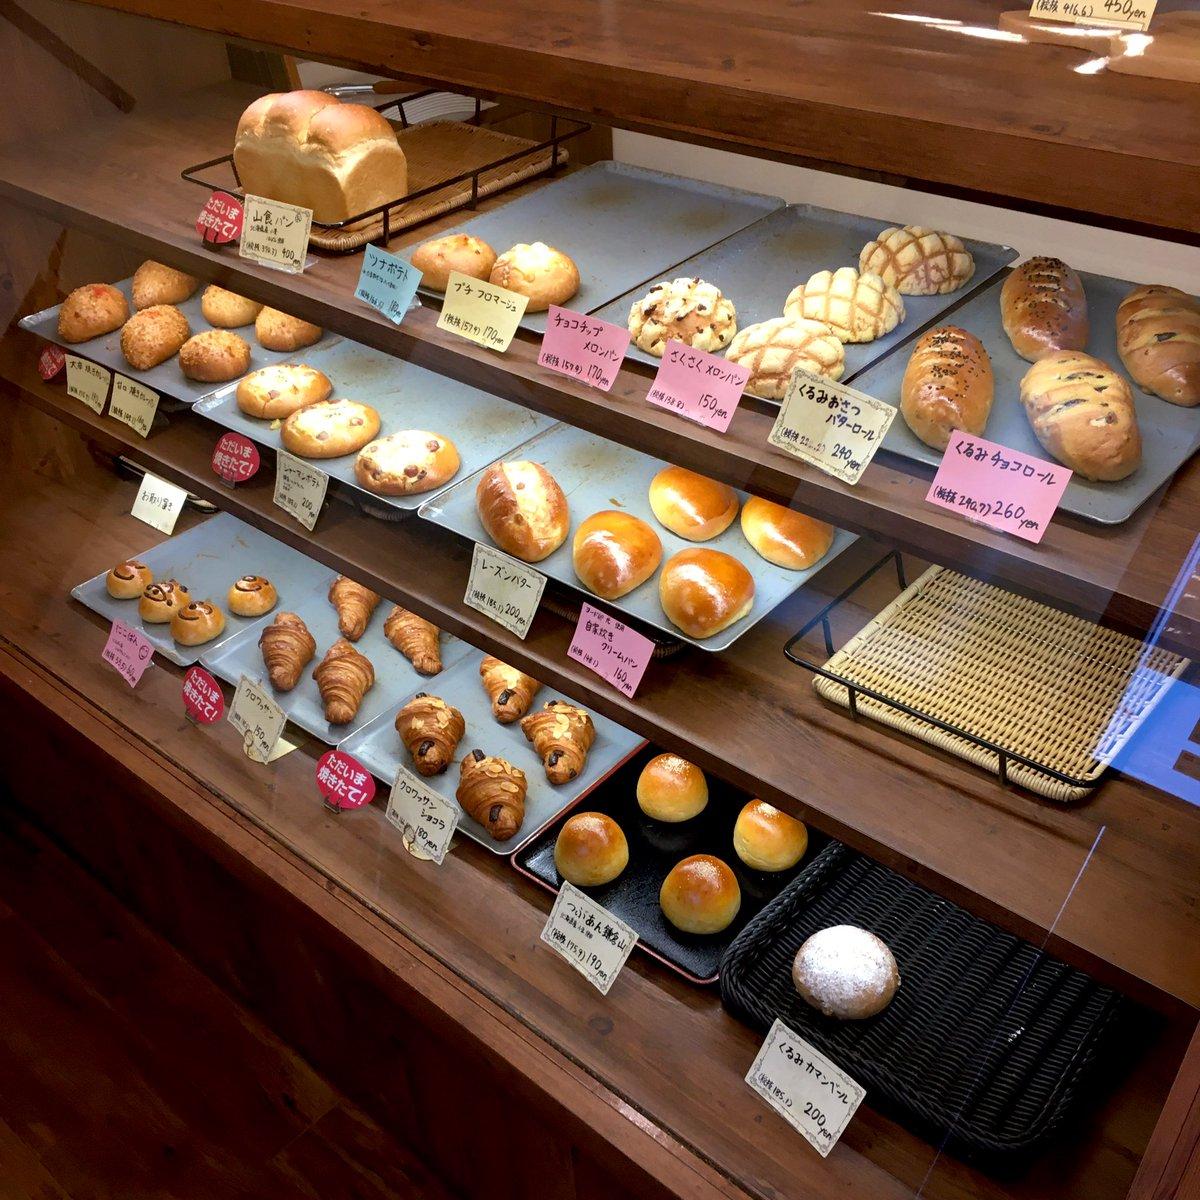 test ツイッターメディア - ・山食パン ・クロワッサン ・クロワッサンショコラ が焼きあがりました(°▽°)  この後はパン屋のモンブランが焼きあがります! https://t.co/gTDfYJ8Hcx